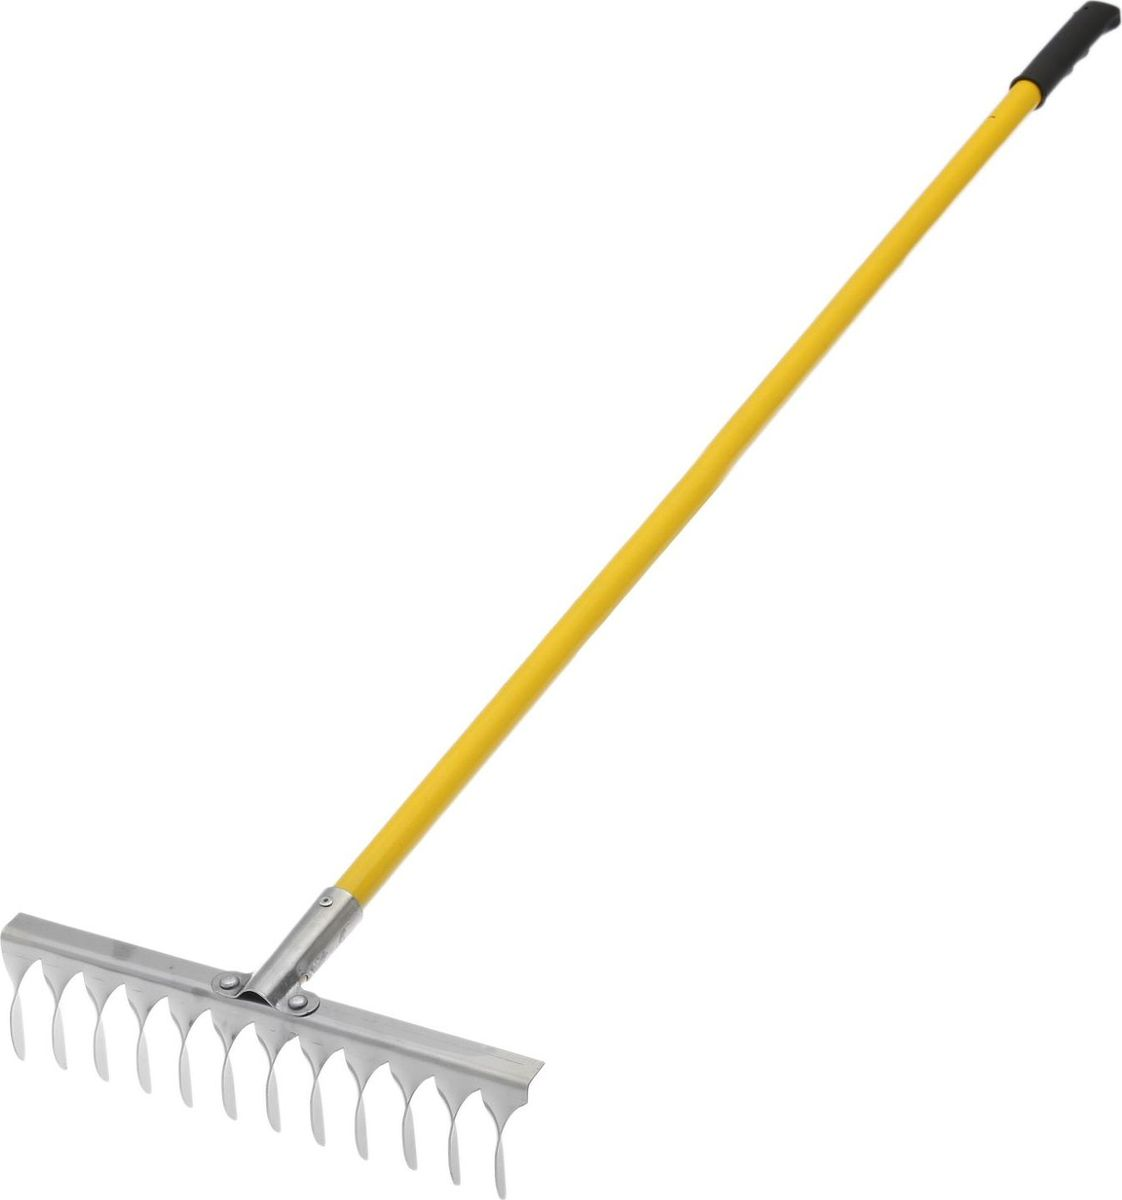 Грабли, с черенком, с витыми зубцами, длина 134 см2149073Грабли подходят для наведения порядка на участке, вычесывания травы, сбора опавших листьев. Металлические зубцы из нержавеющей стали разровняют даже тяжелую влажную почву, разобьют большие комки земли. По окончании использования очистите рабочую часть инструмента от остатков грунта. Храните в закрытом помещении. В комплект входит прочный яркий металлический черенок.